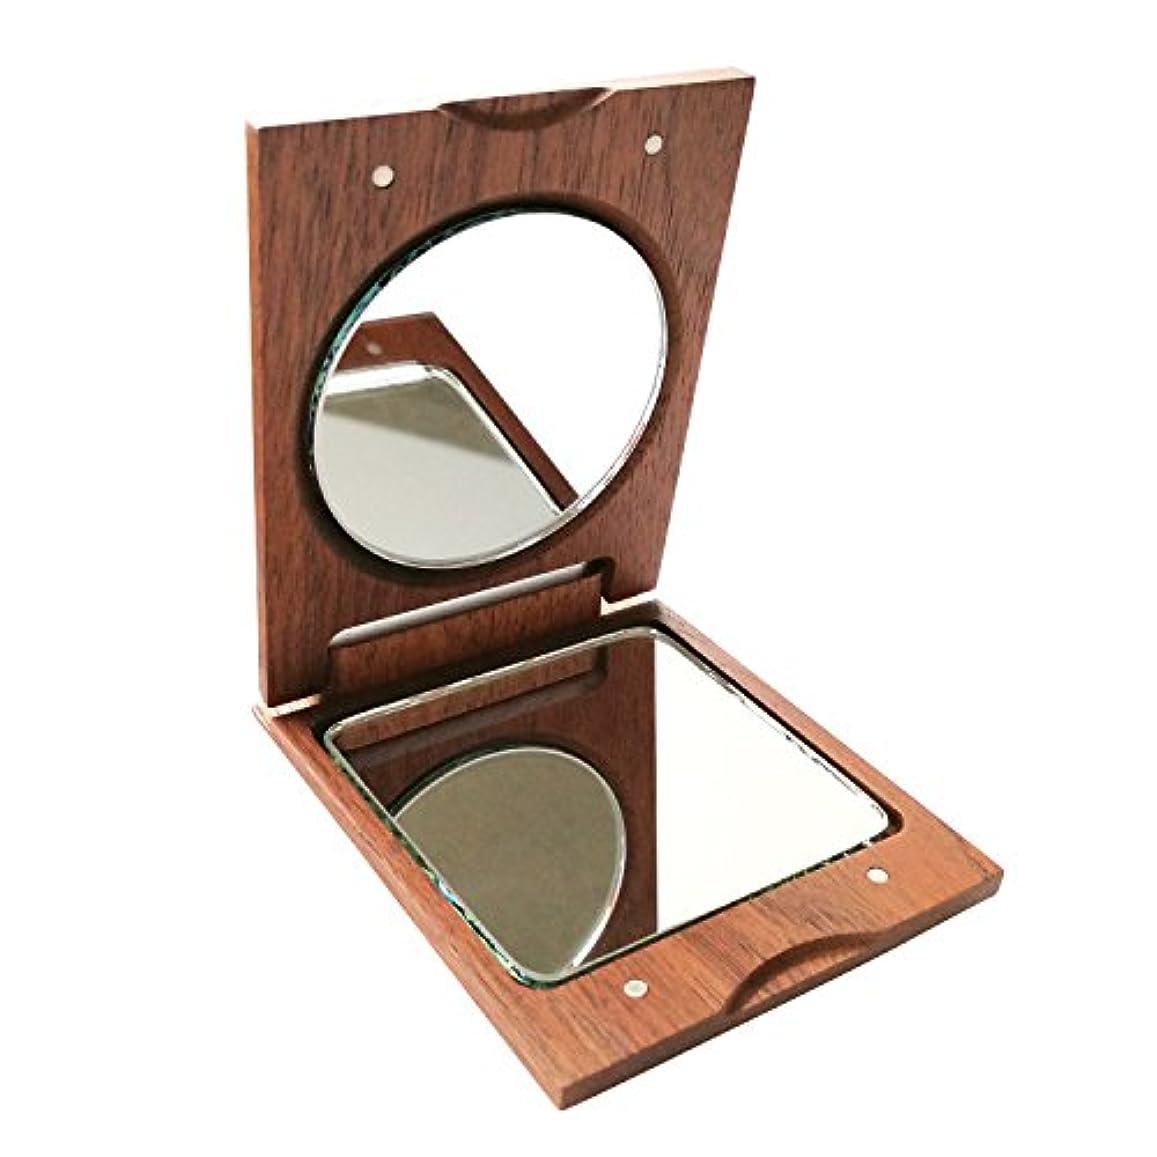 鉛筆疲れた占めるきざむ 名入れ 木製 手鏡 ハンドミラー ギフト